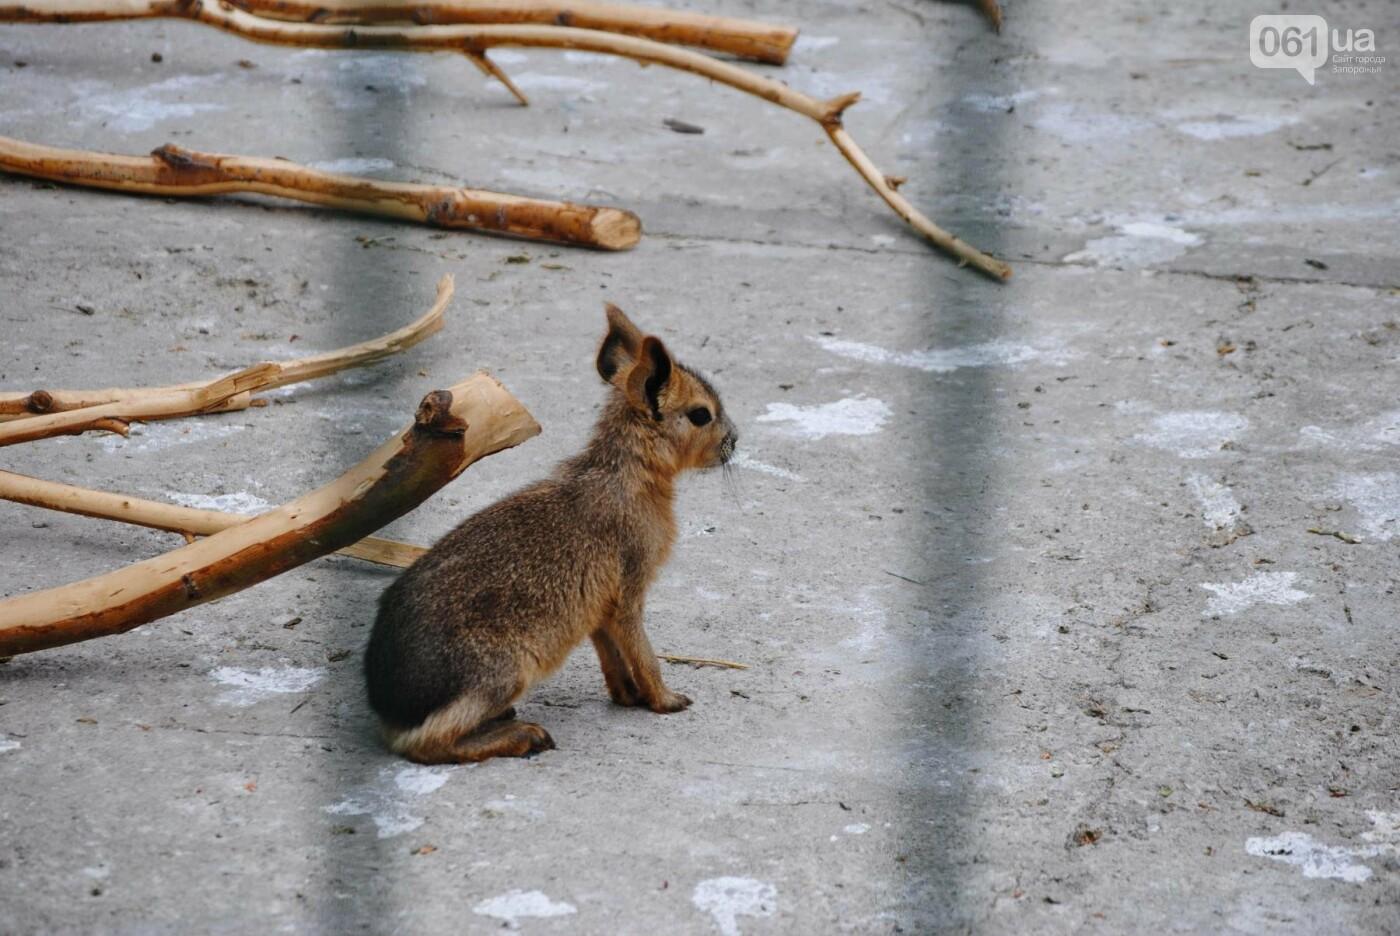 В бердянском зоопарке появились кенгуру: они любят хлеб и скоро станут ручными, - ФОТОРЕПОРТАЖ, фото-22